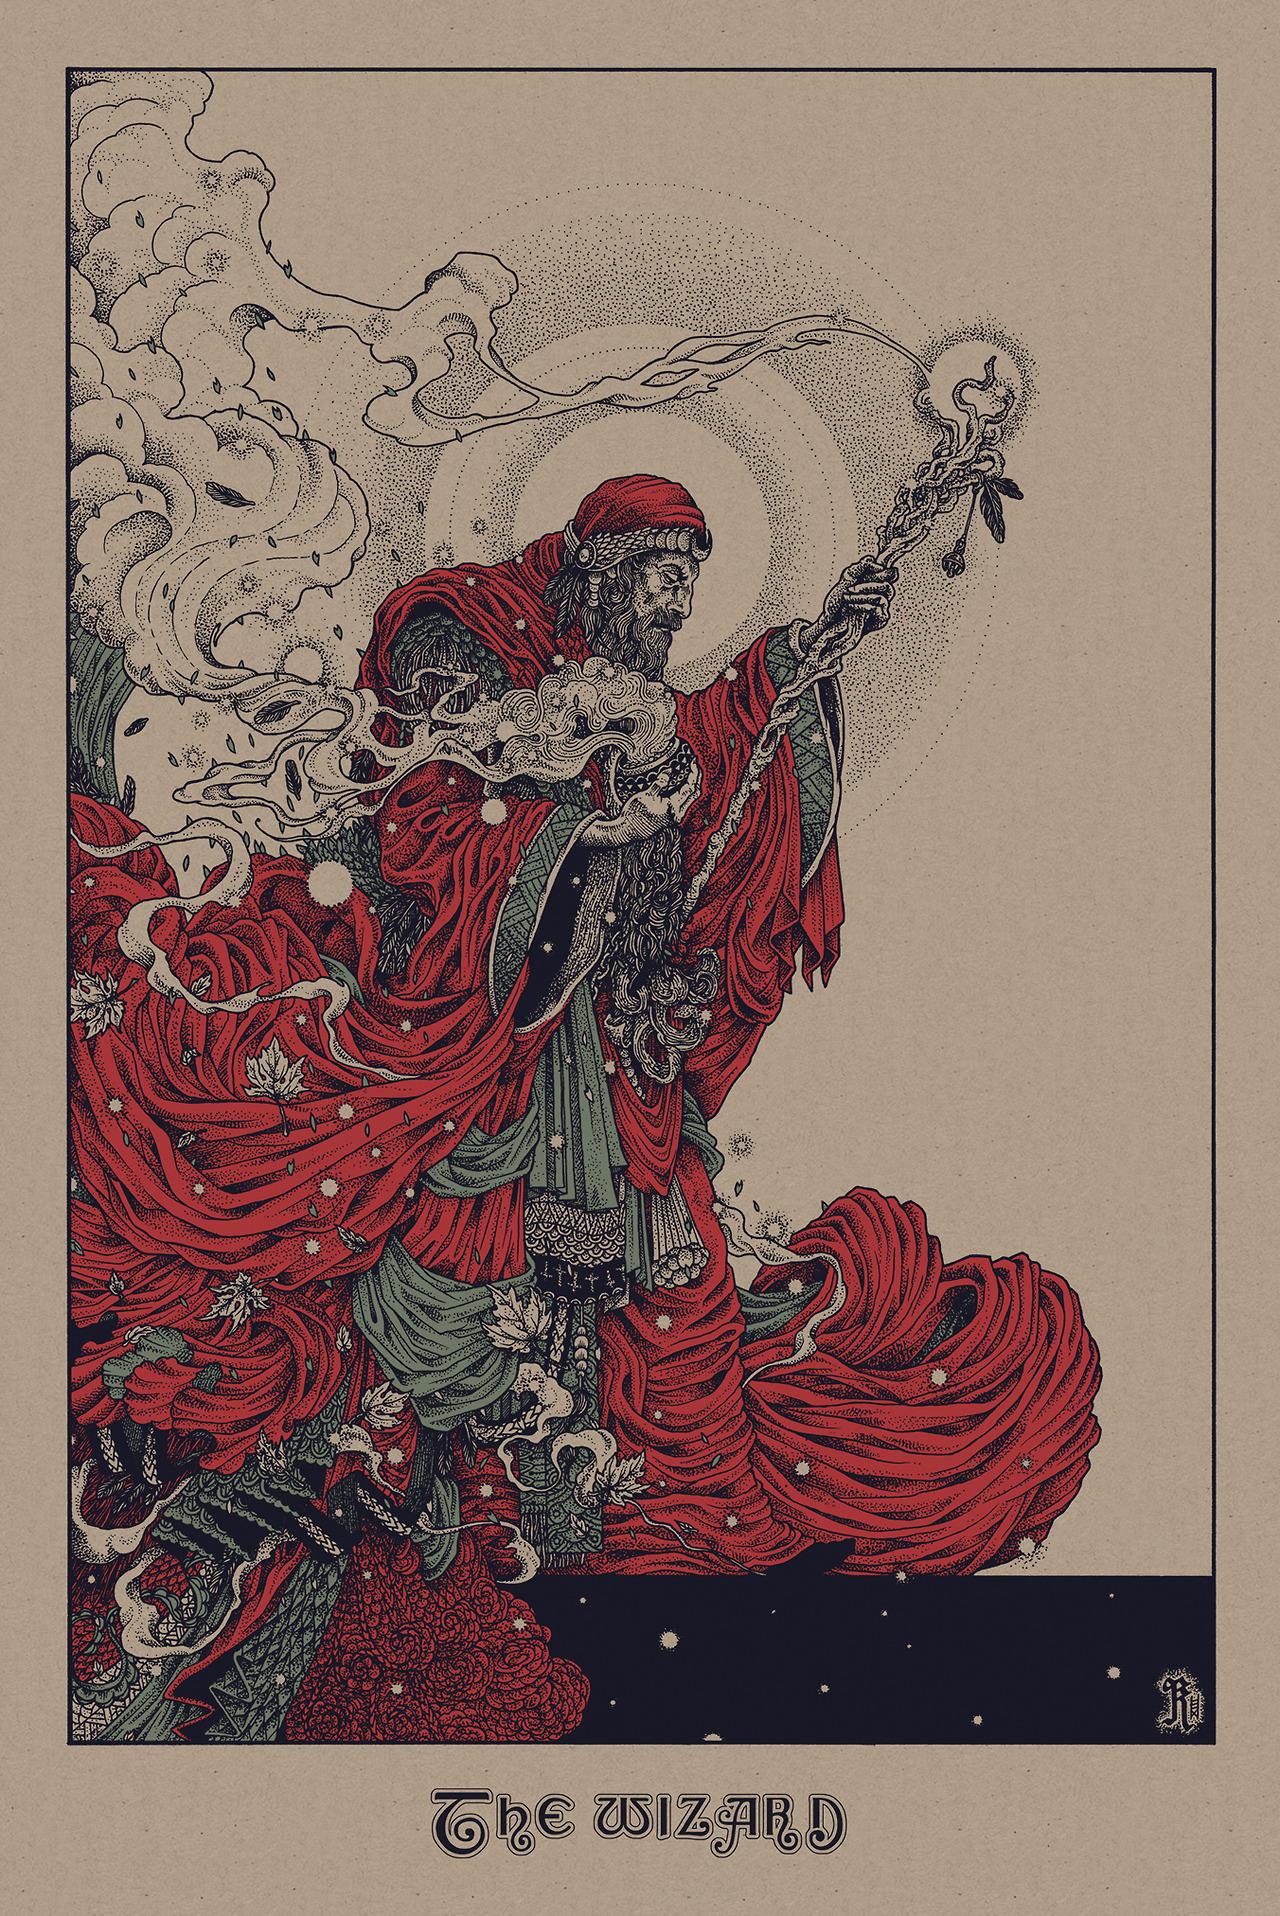 Richey Beckett Poster Beckett The Wizard Variant Large